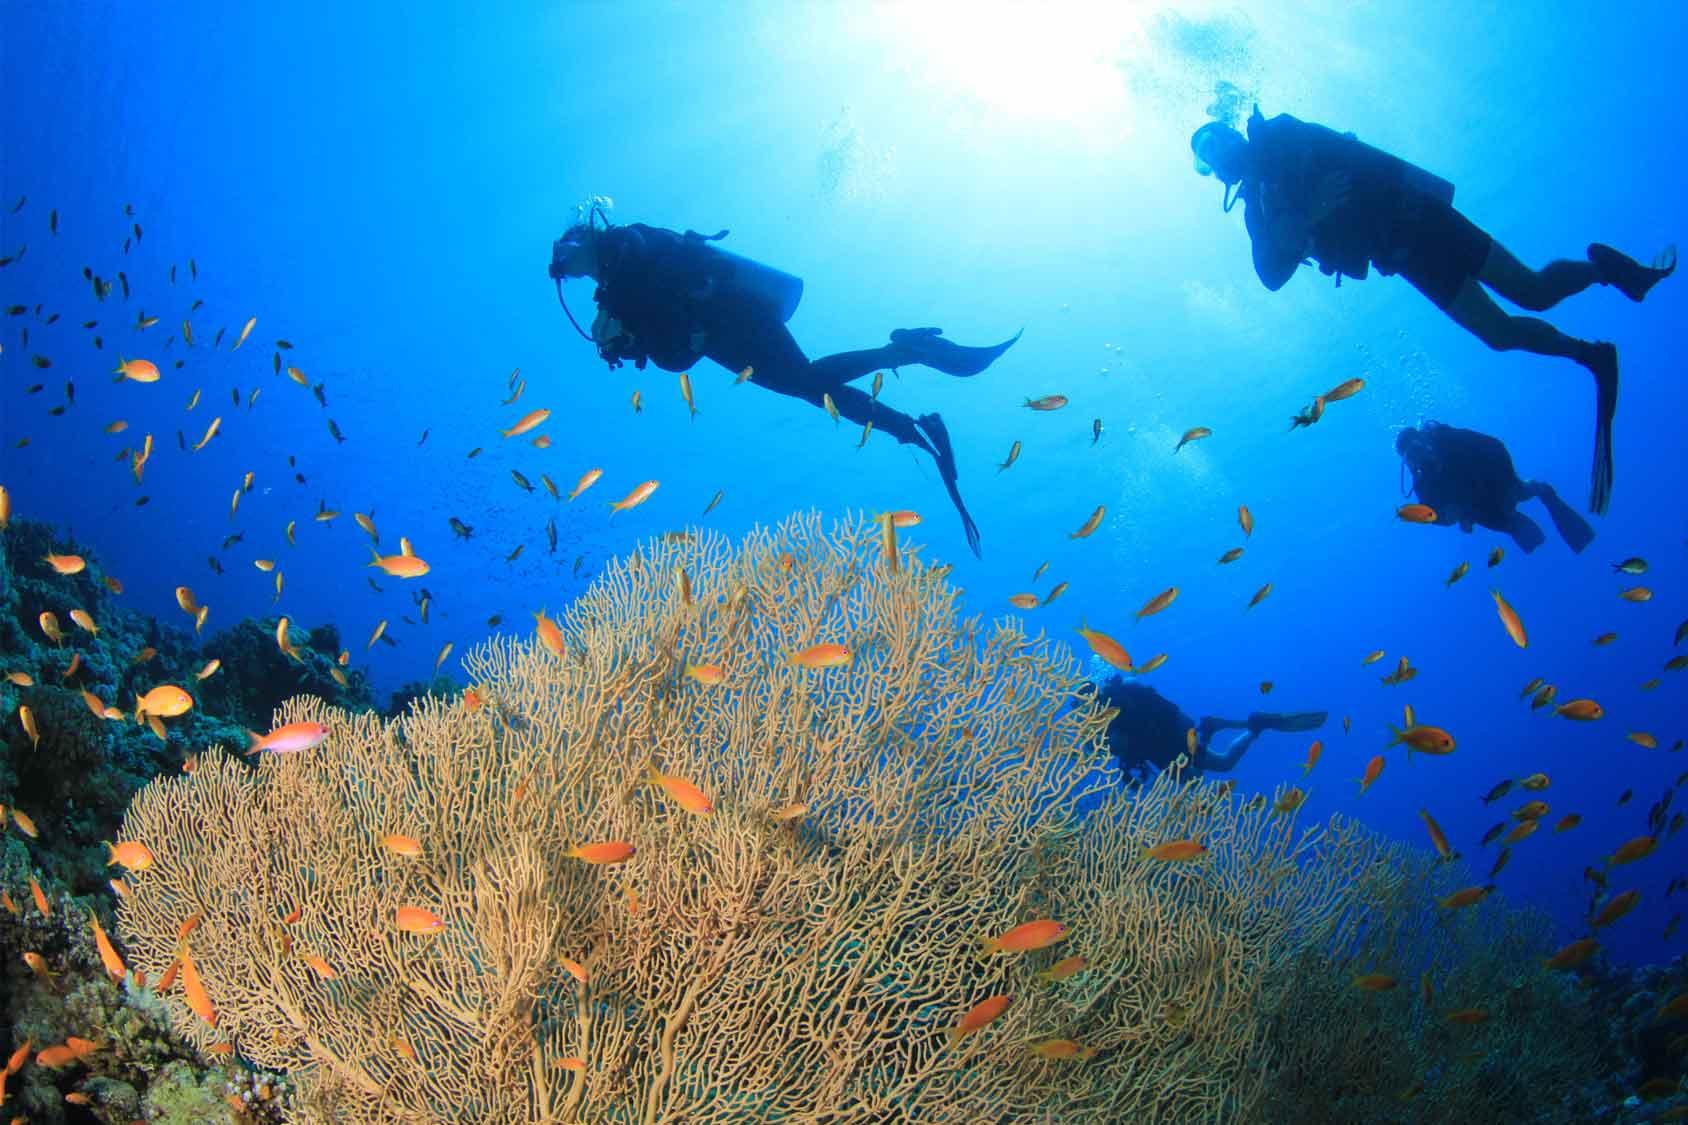 水肺潜水_Scuba diving in El Nido - Philippines